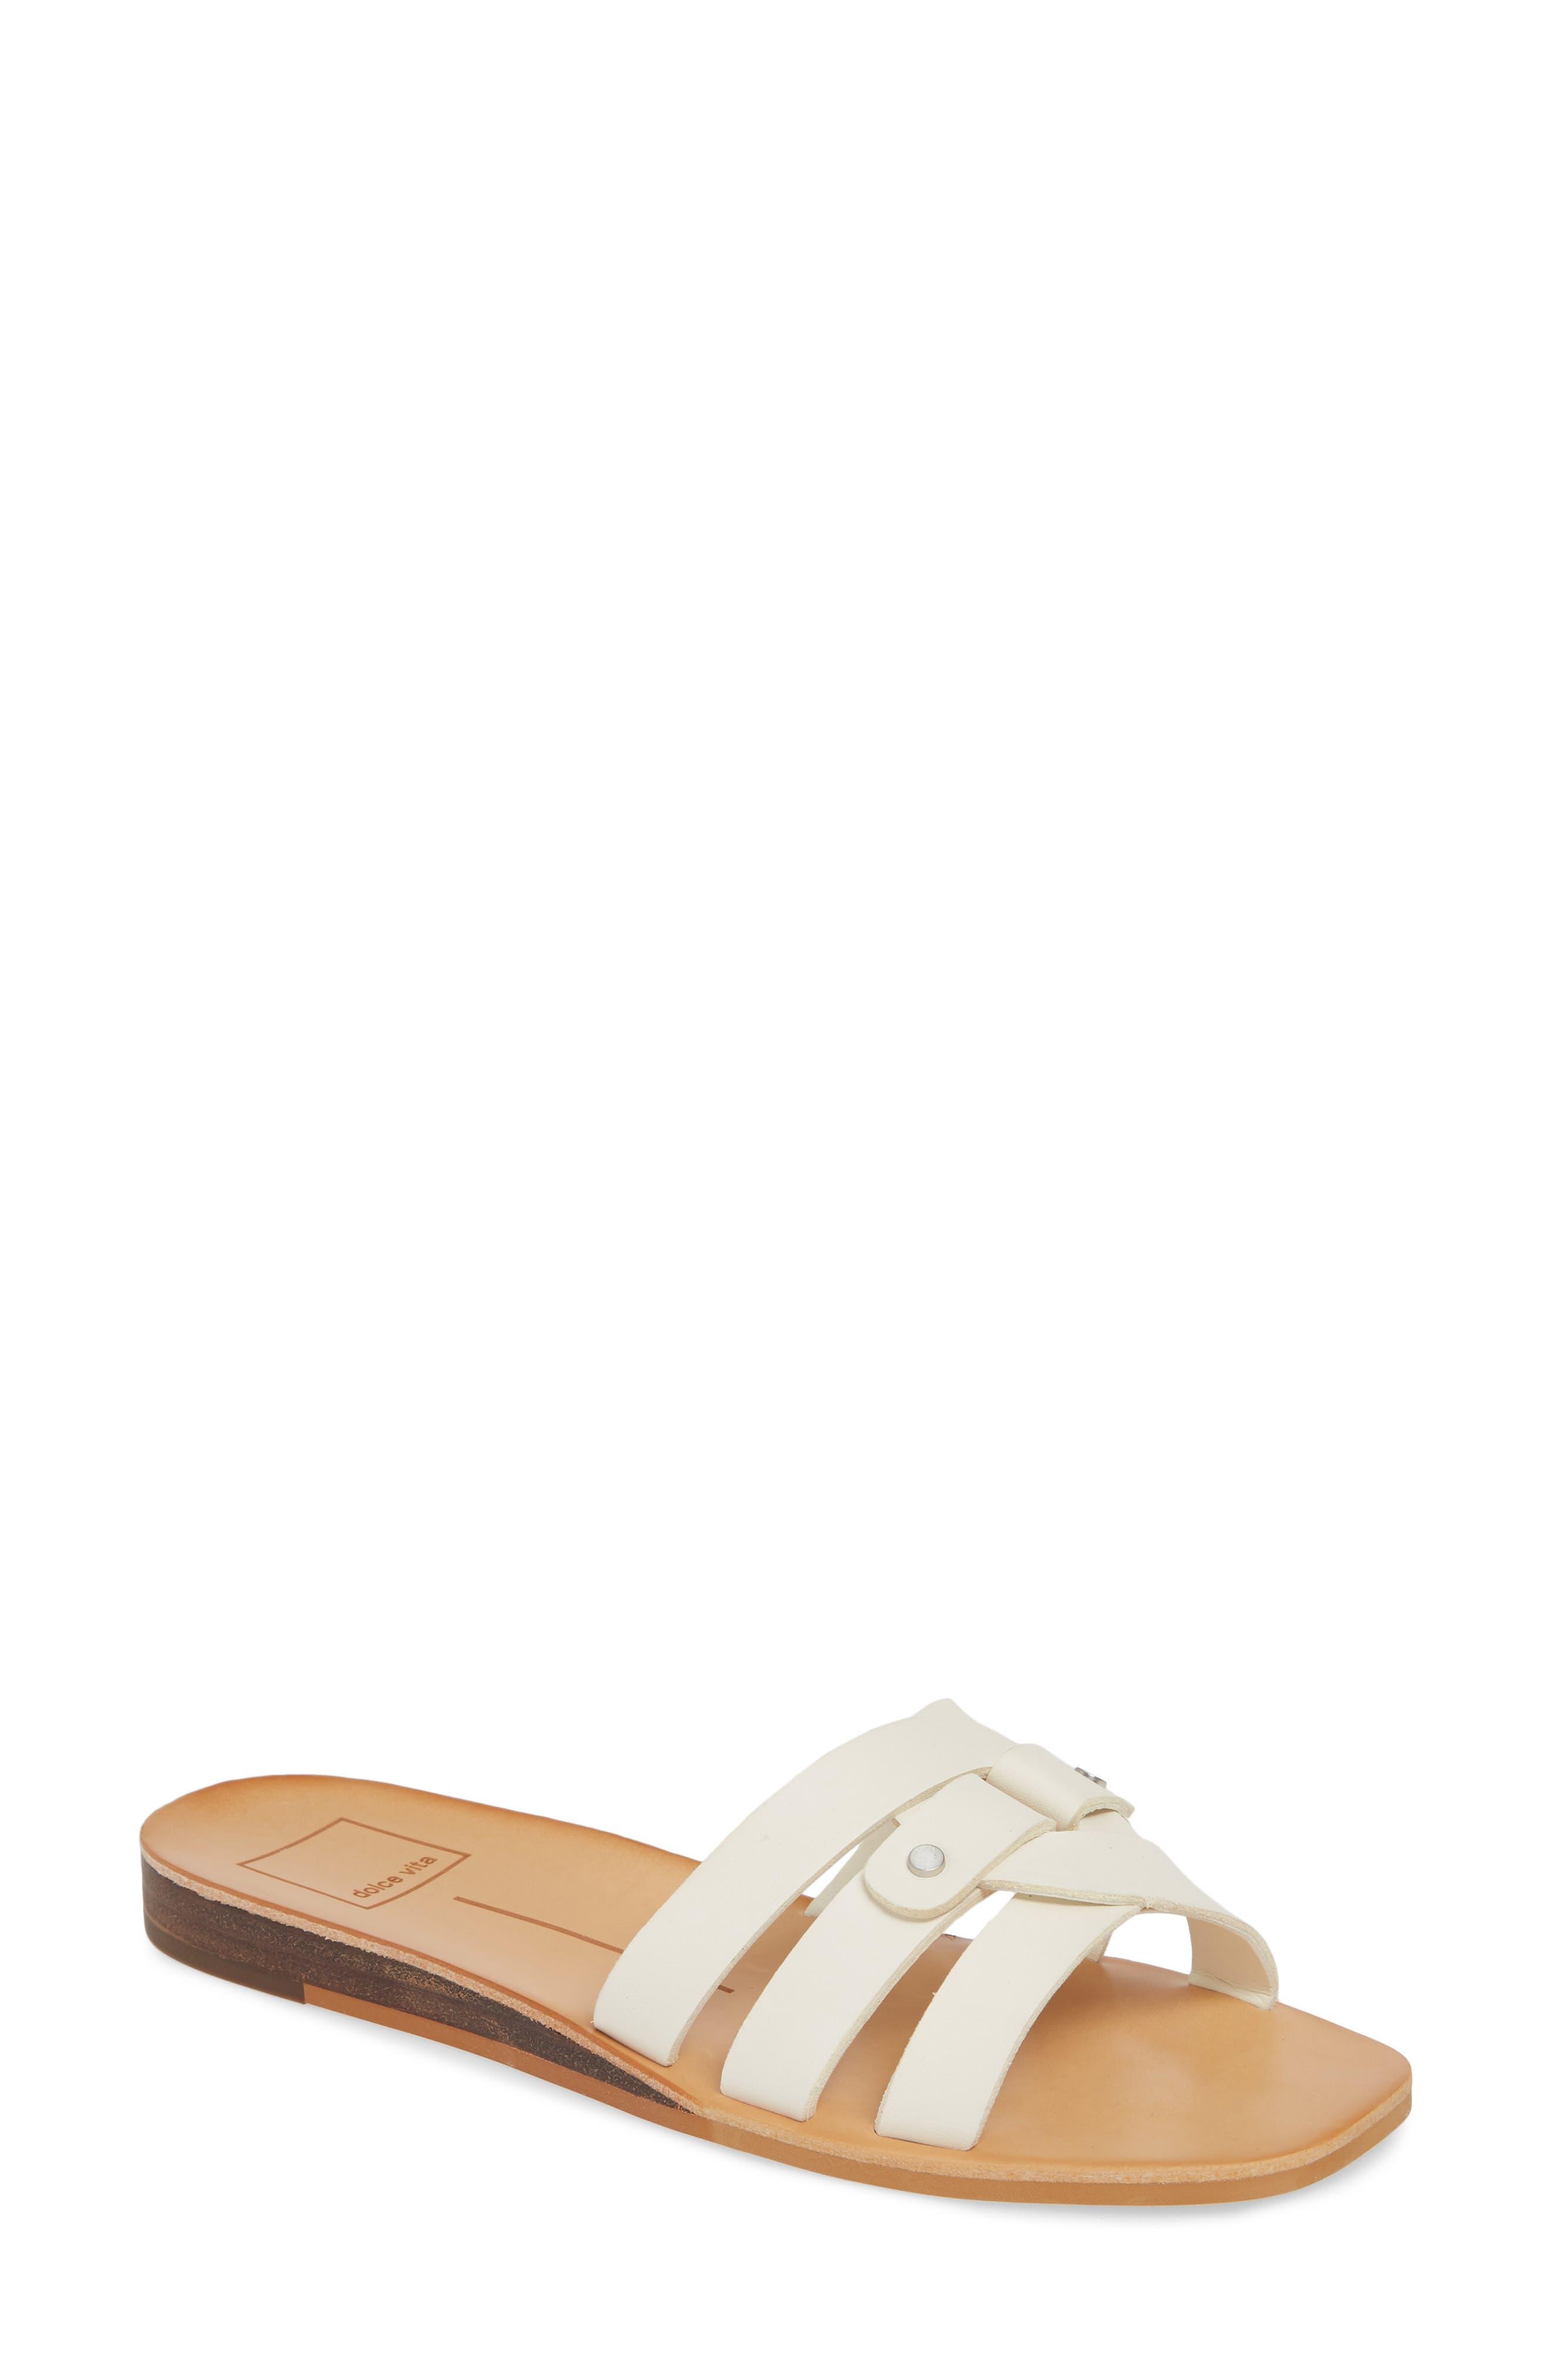 Dolce Vita Cait Slide Sandal, Ivory